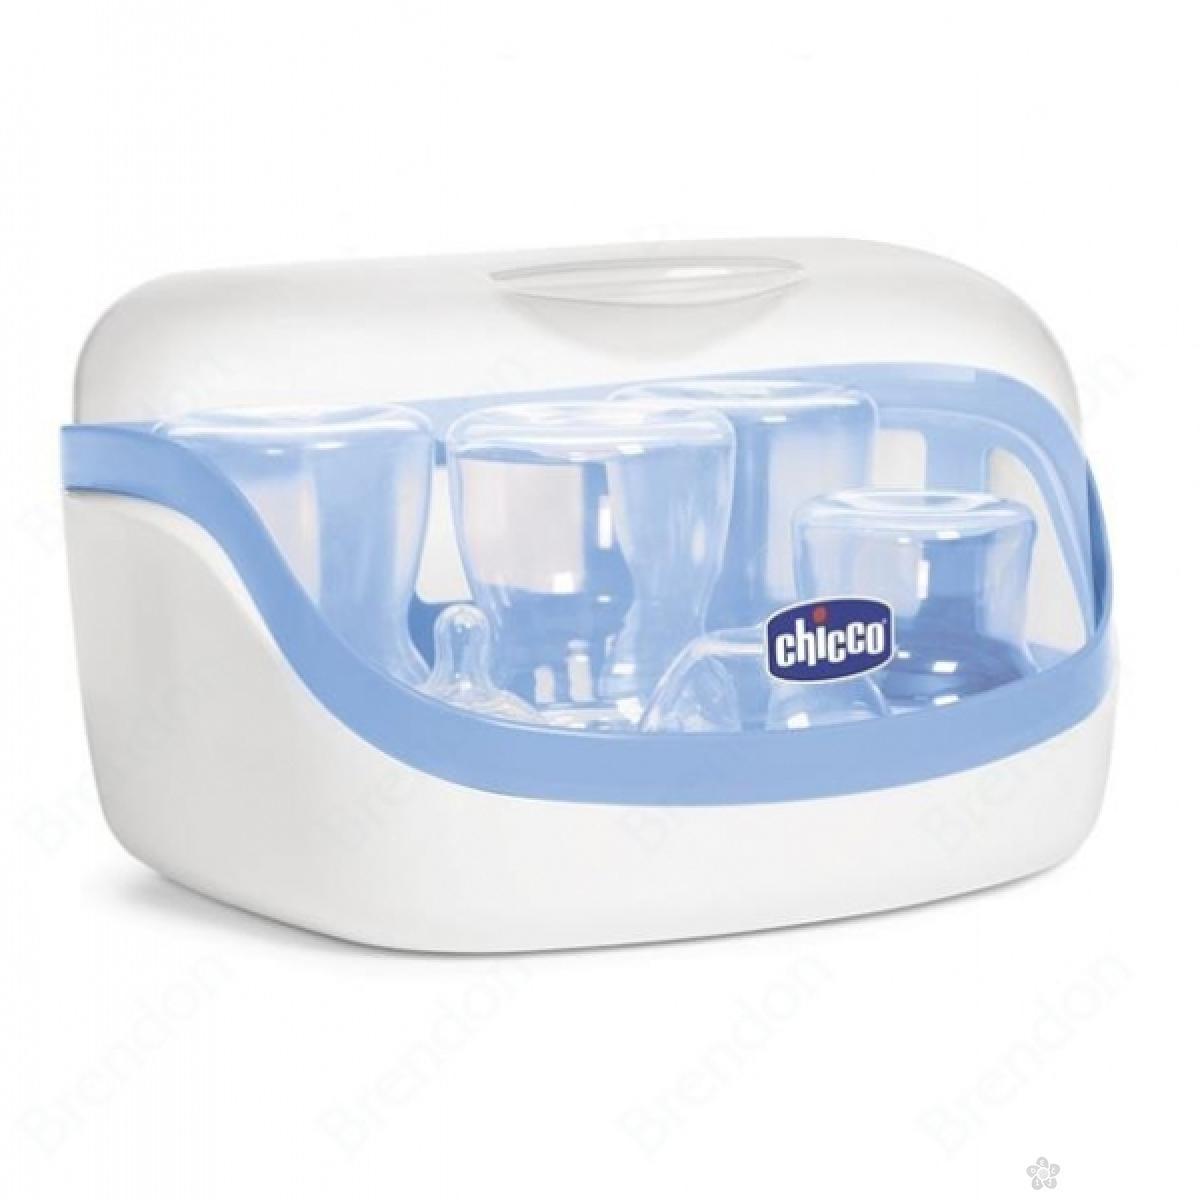 sterilizator za mikrotalasnu Chicco, 4040380